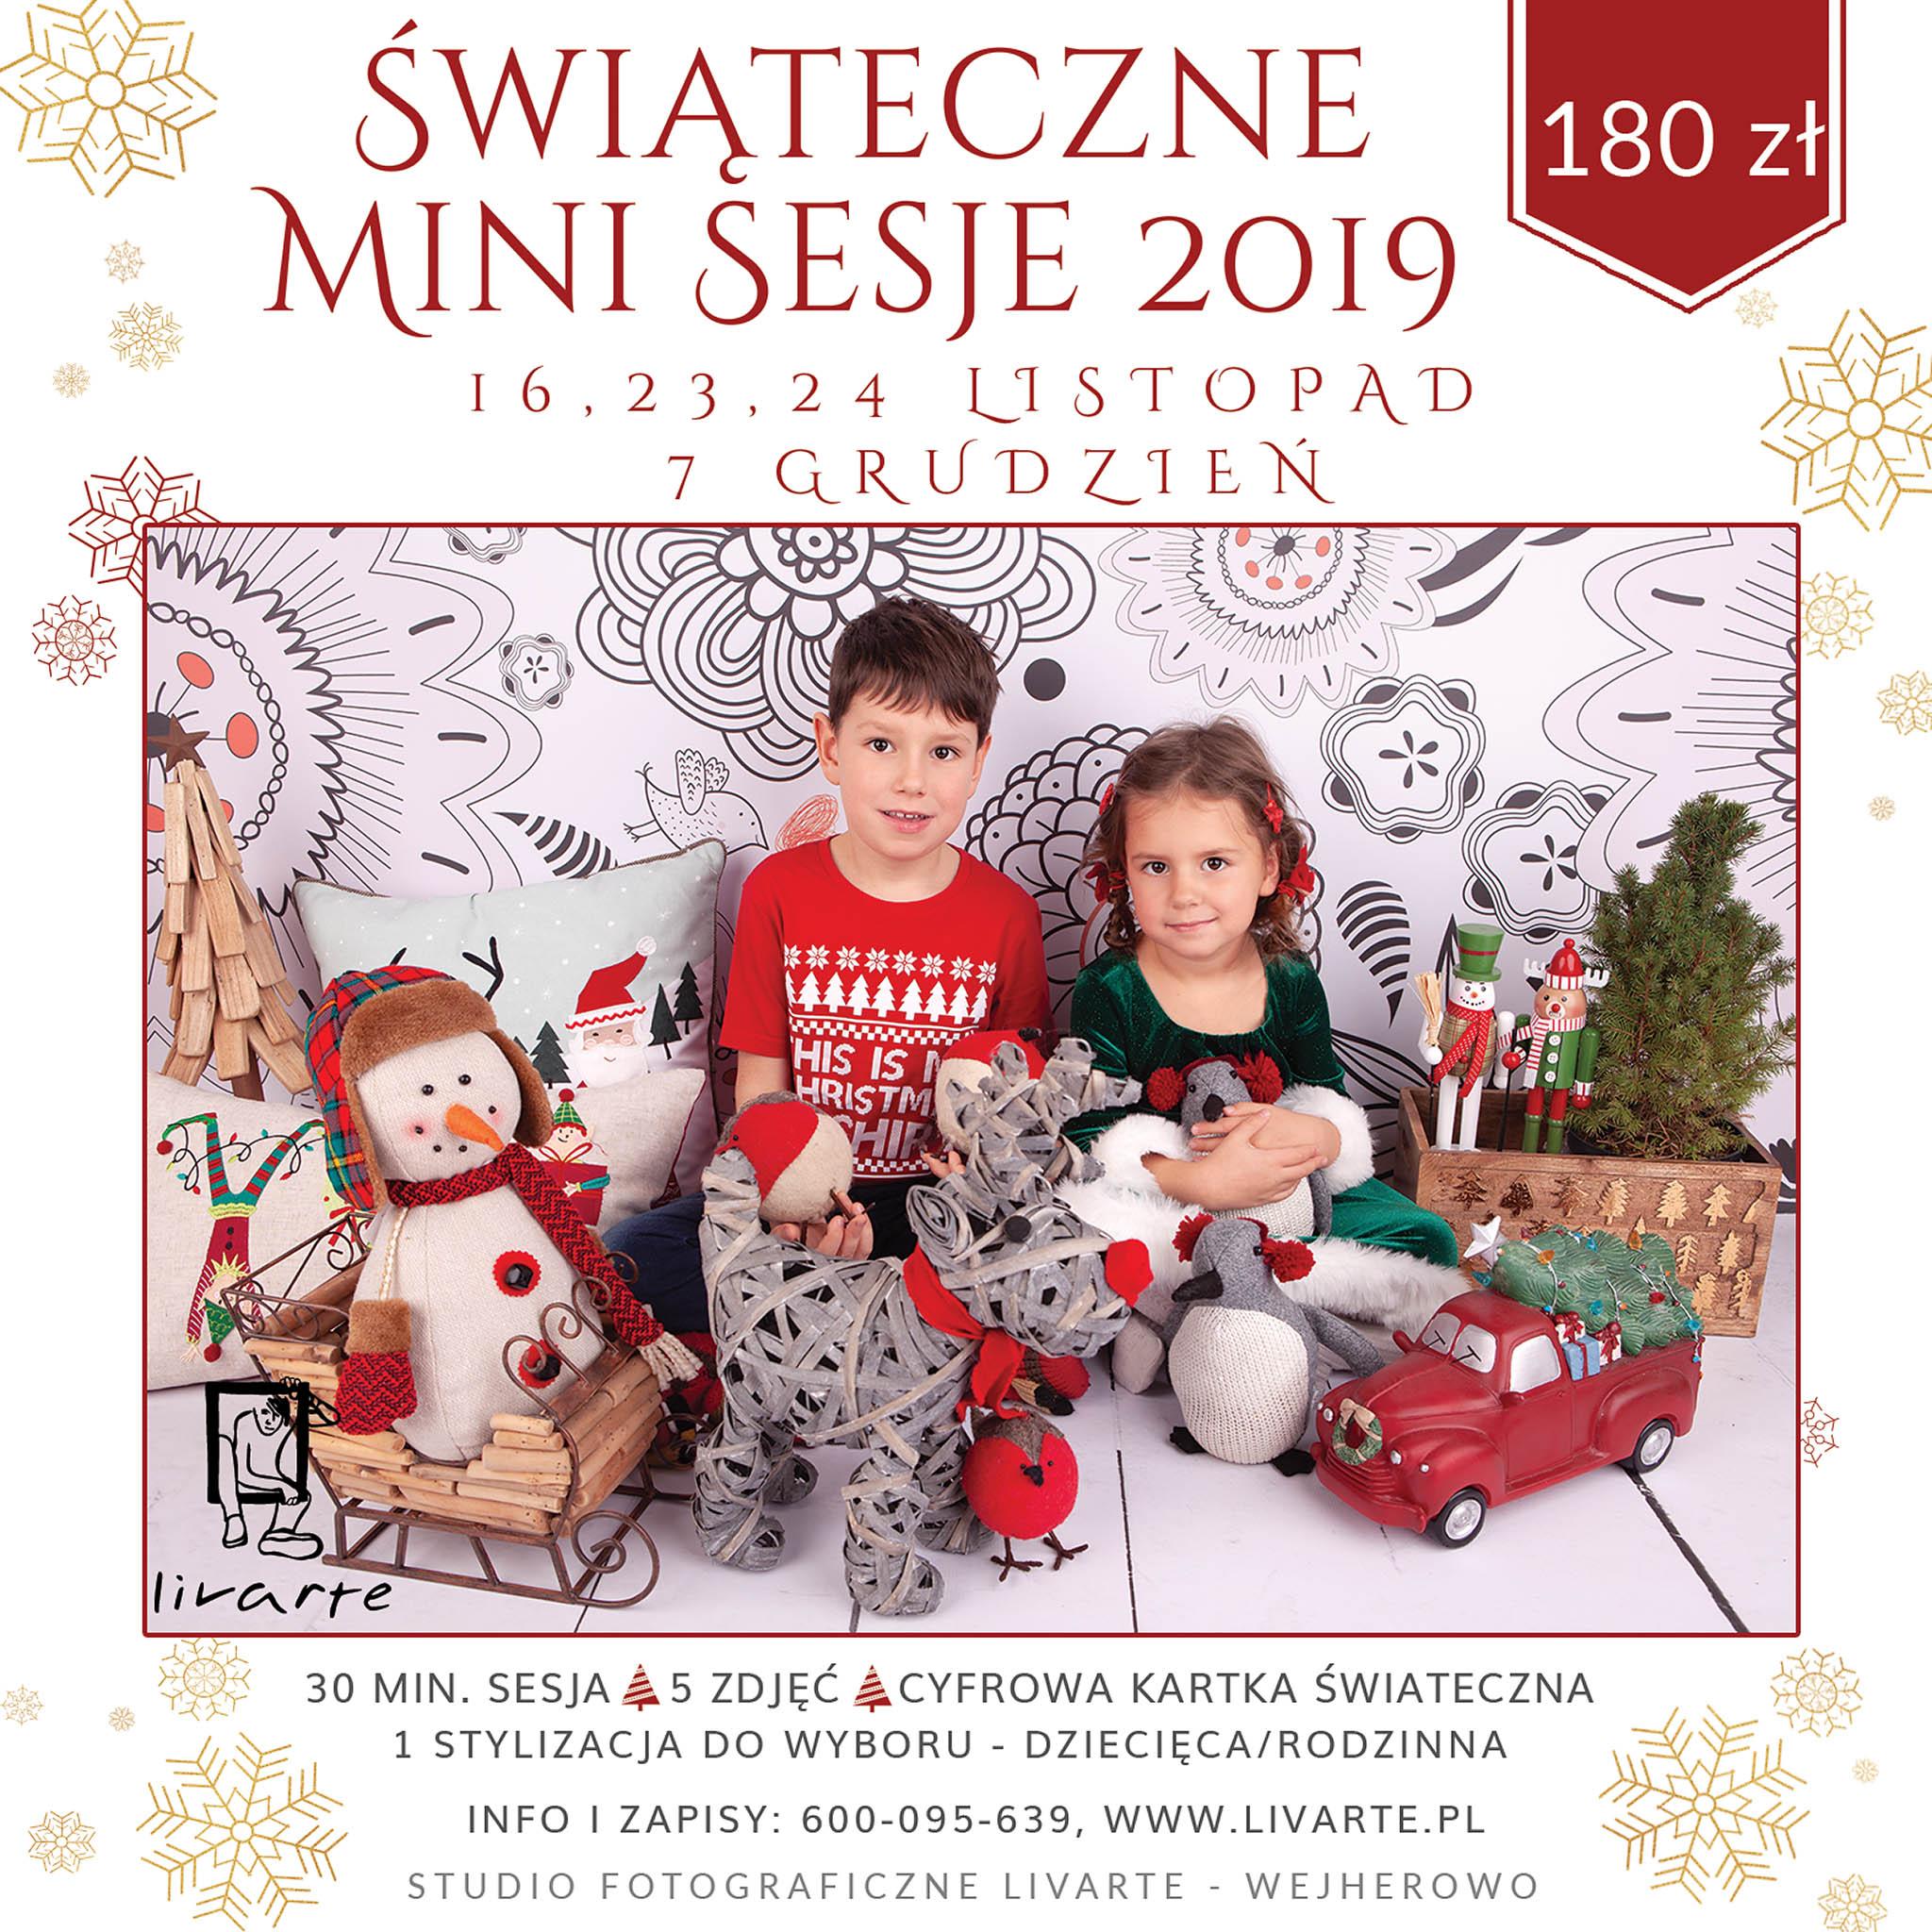 Livarte - Świąteczne Mini Sesje 2019